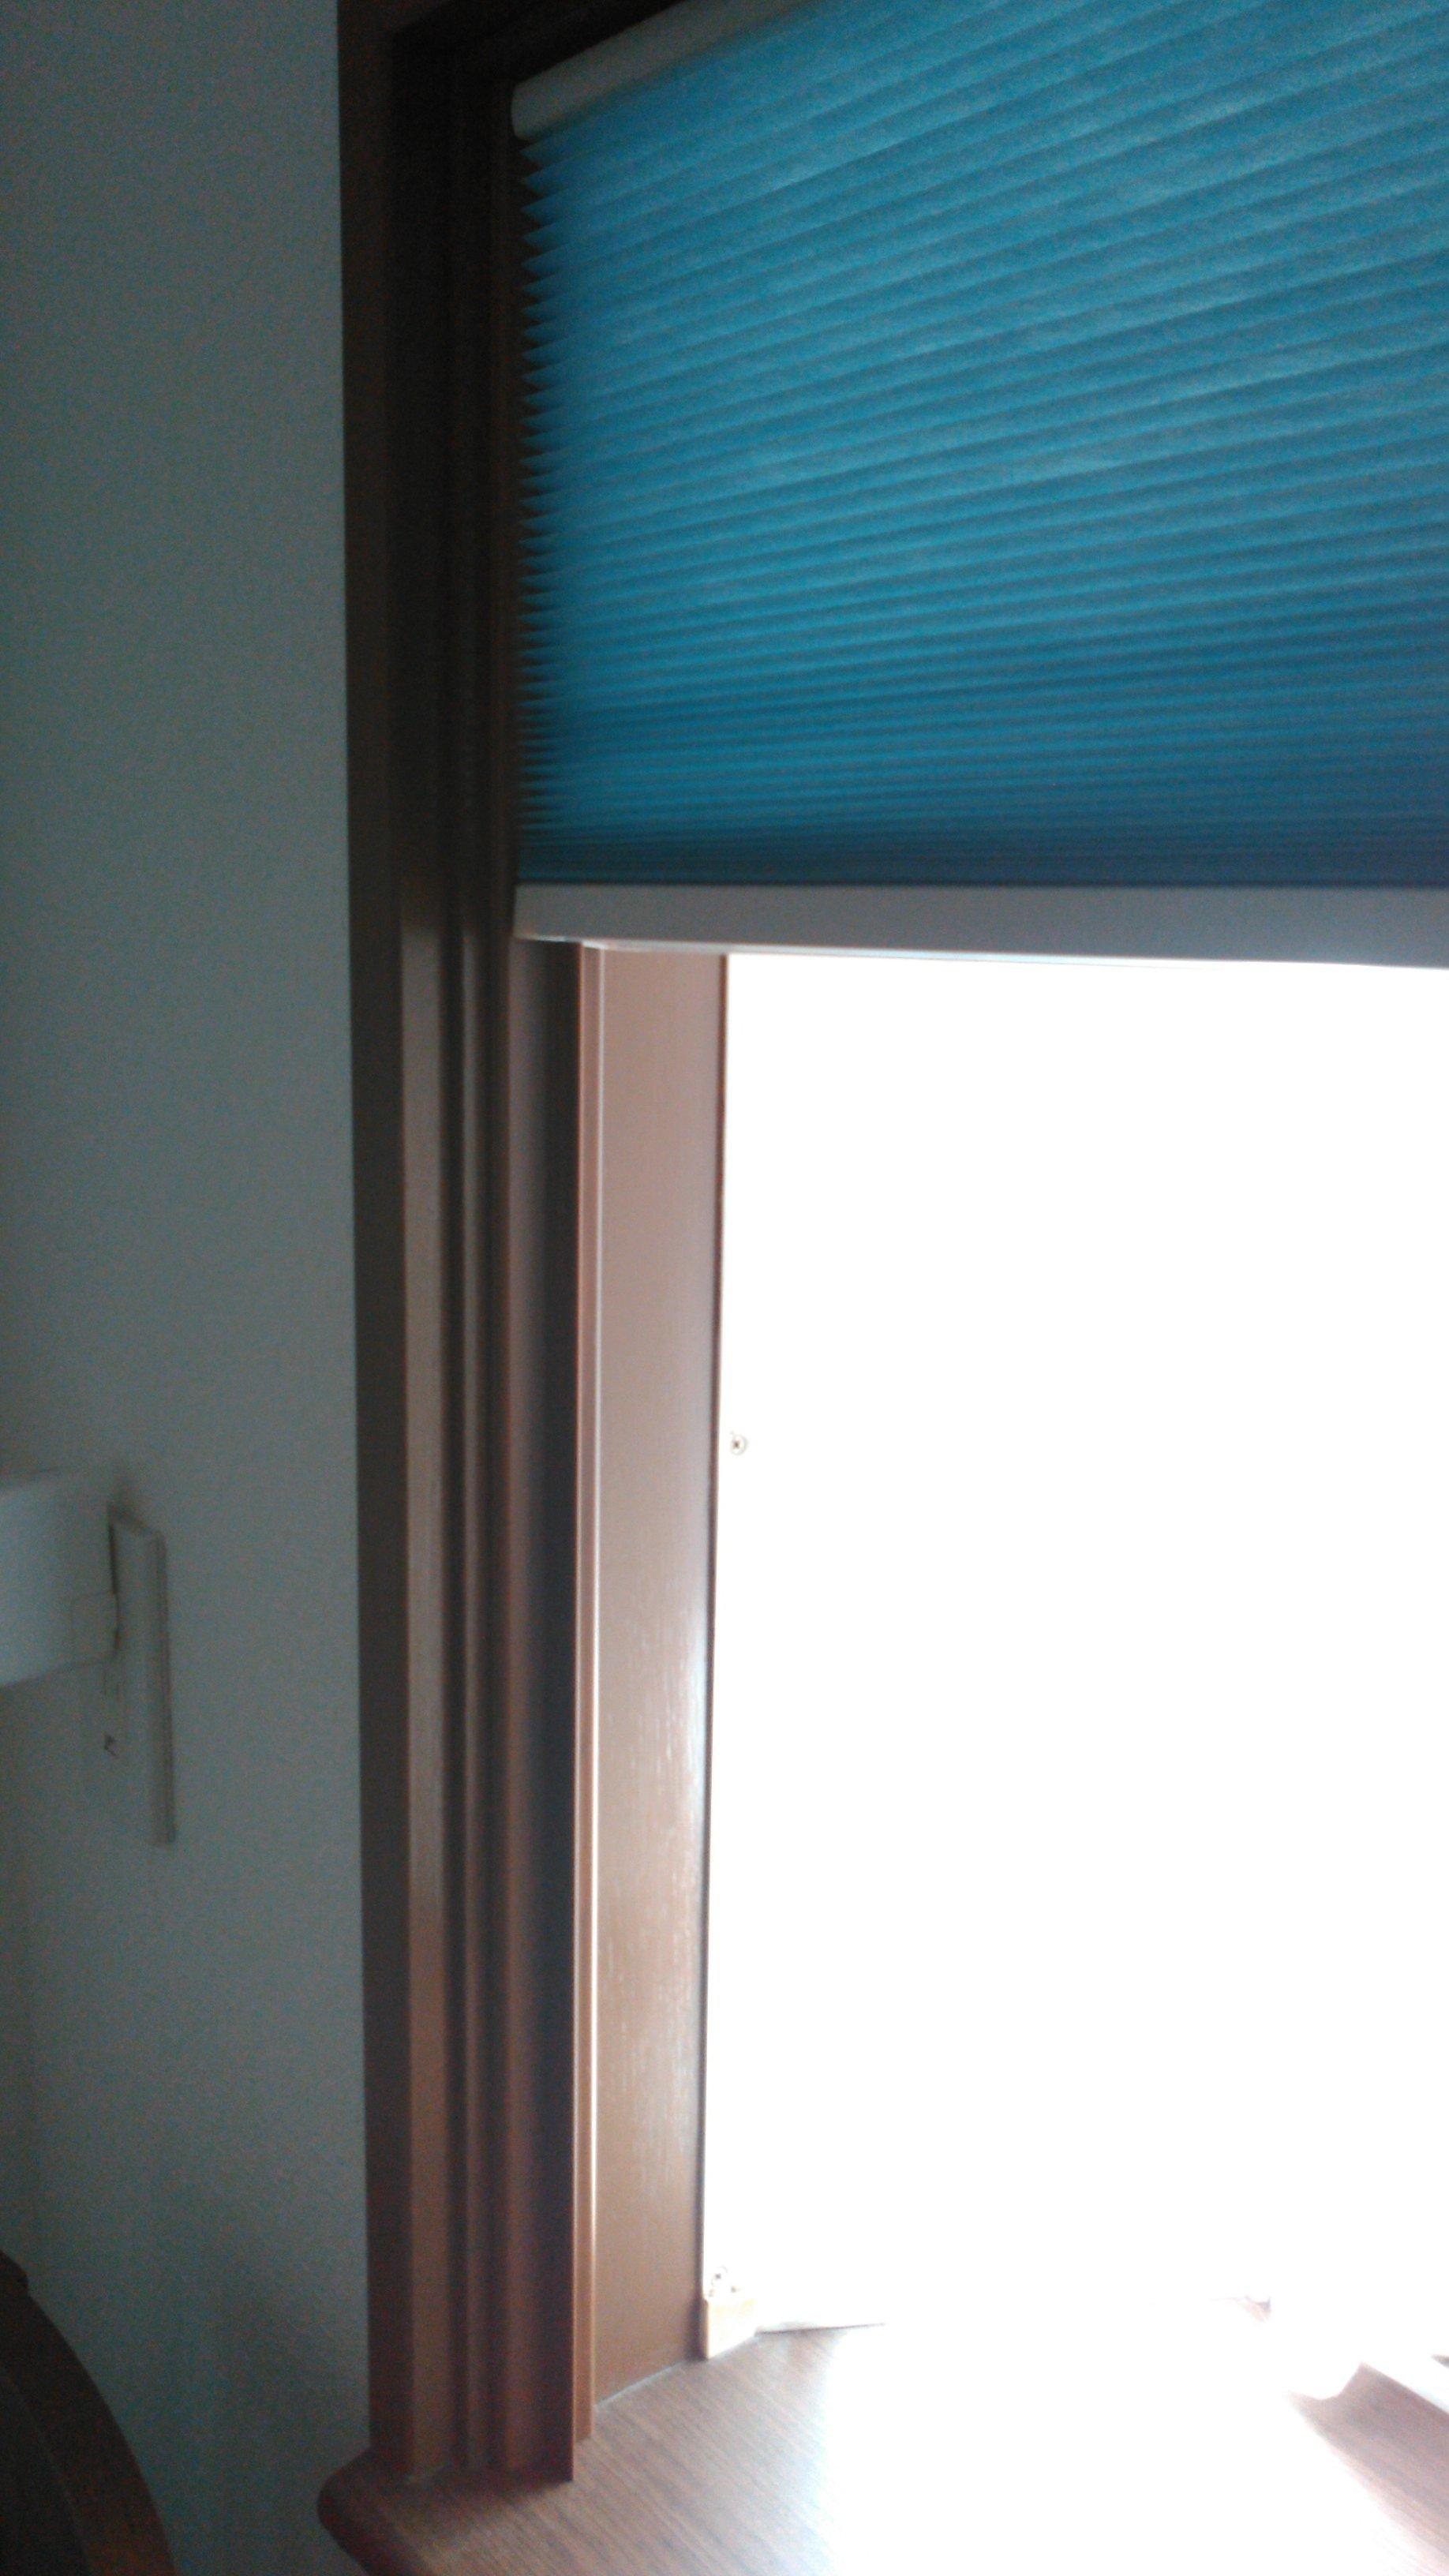 窓の断熱 セイキの『ハニカムサーモスクリーン』 モリス正規販売店のブライト_c0157866_19593126.jpg